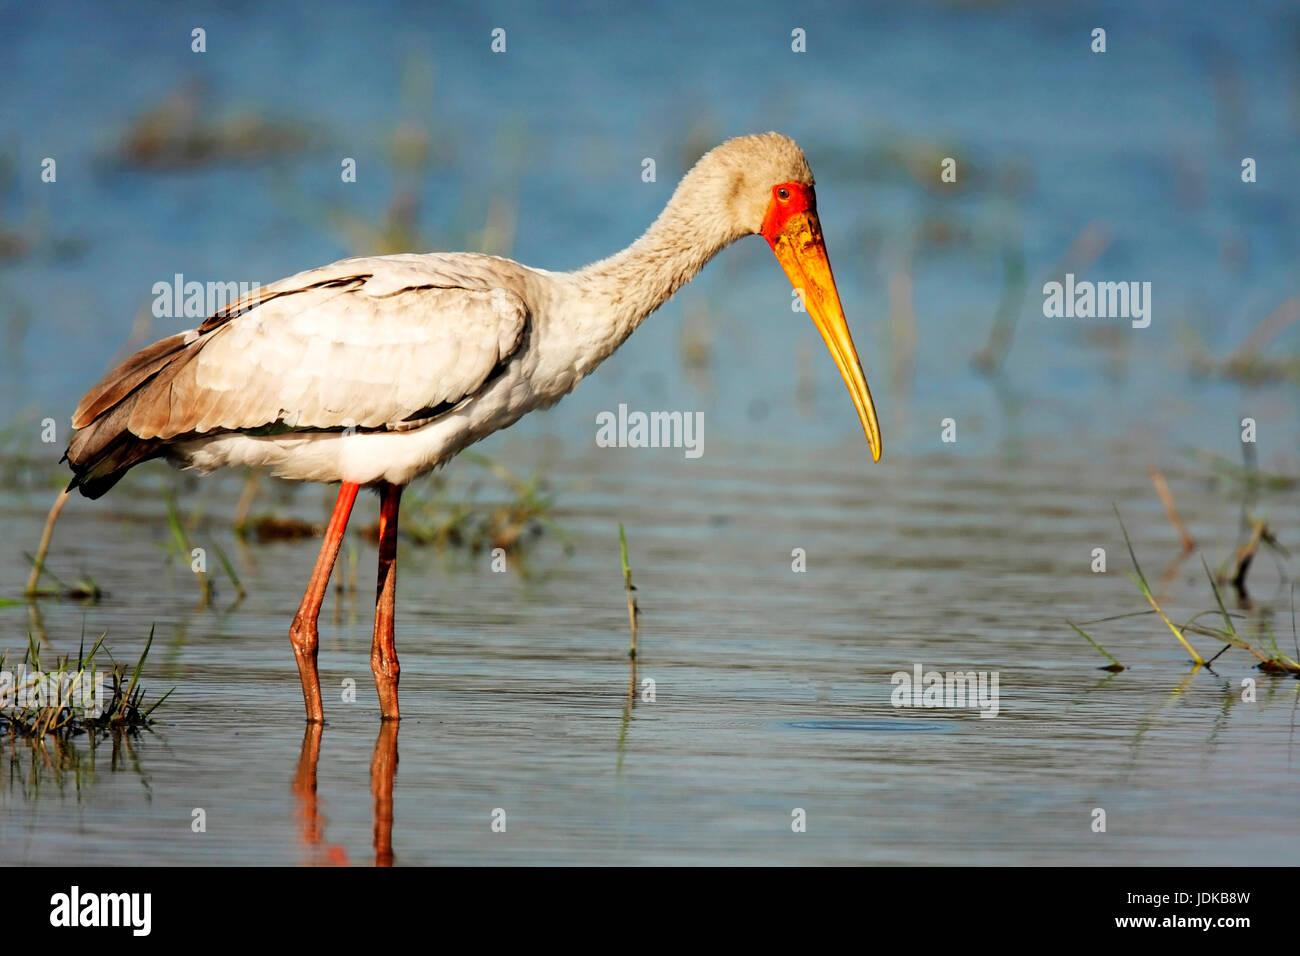 Nimmersatt on food search, Nimmersatt auf Nahrungssuche - Stock Image